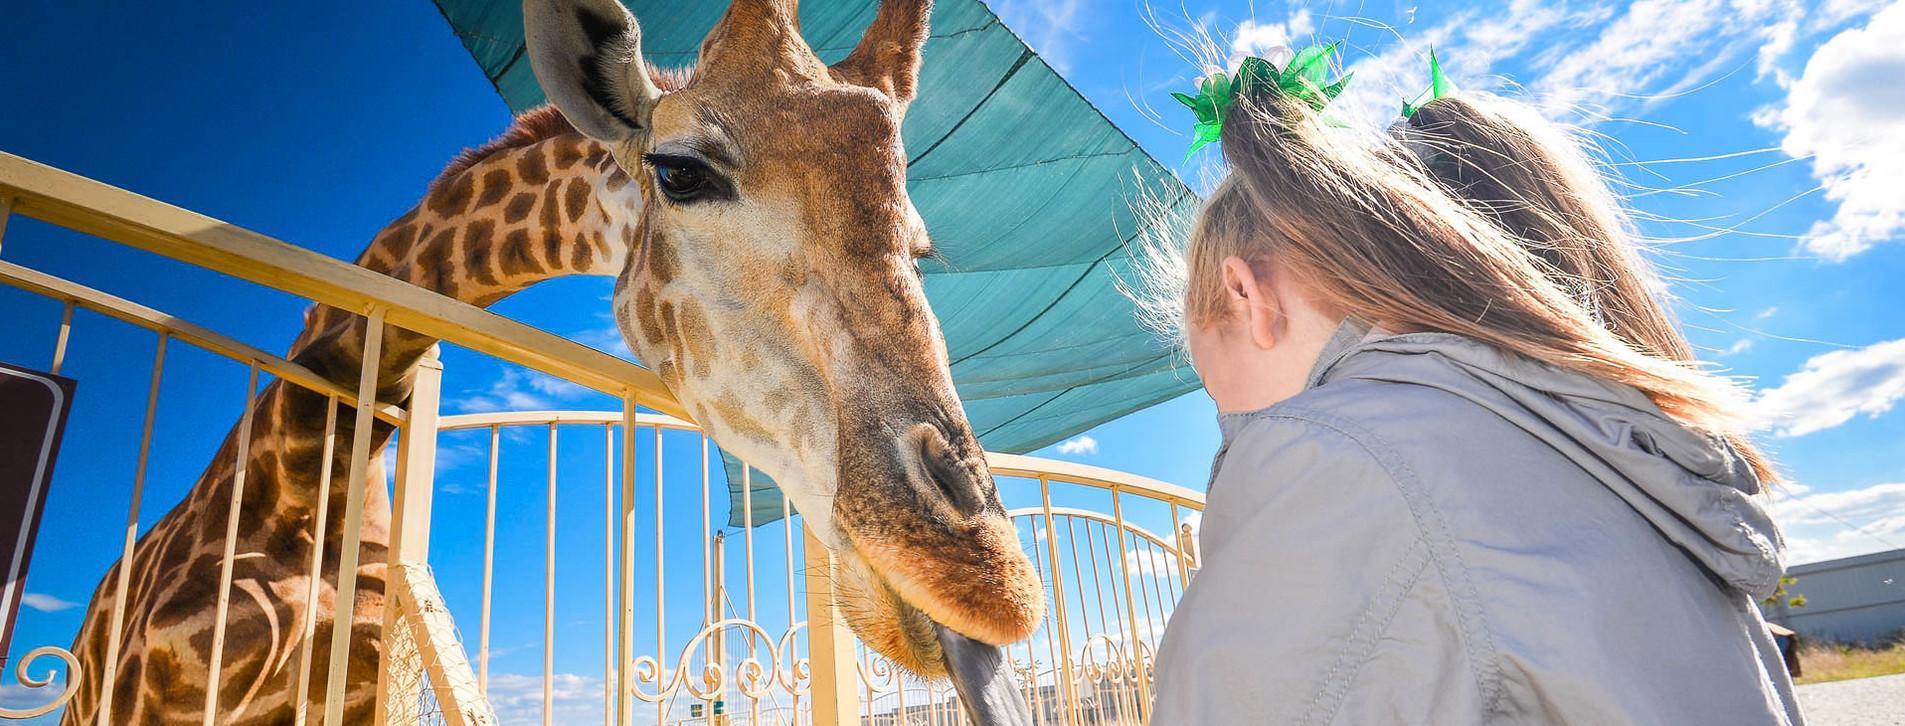 Фото 1 - Зоопарк «12 месяцев» для двоих